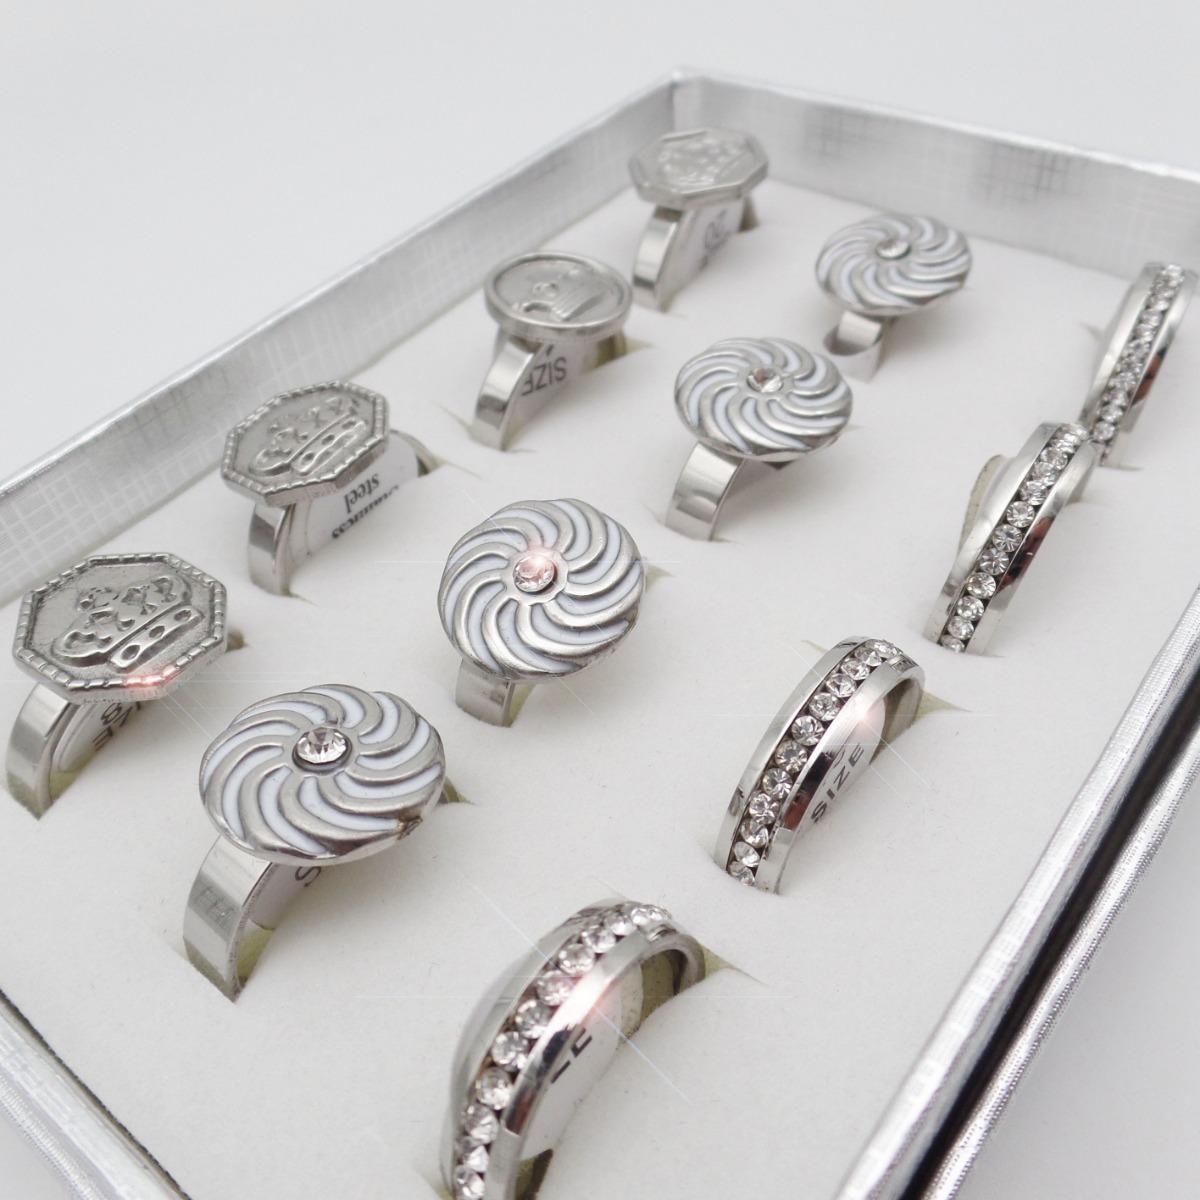 7ac9c7d809c1 set 12 hermosos anillos acero quirurgico 316l xmayor n111. Cargando zoom.